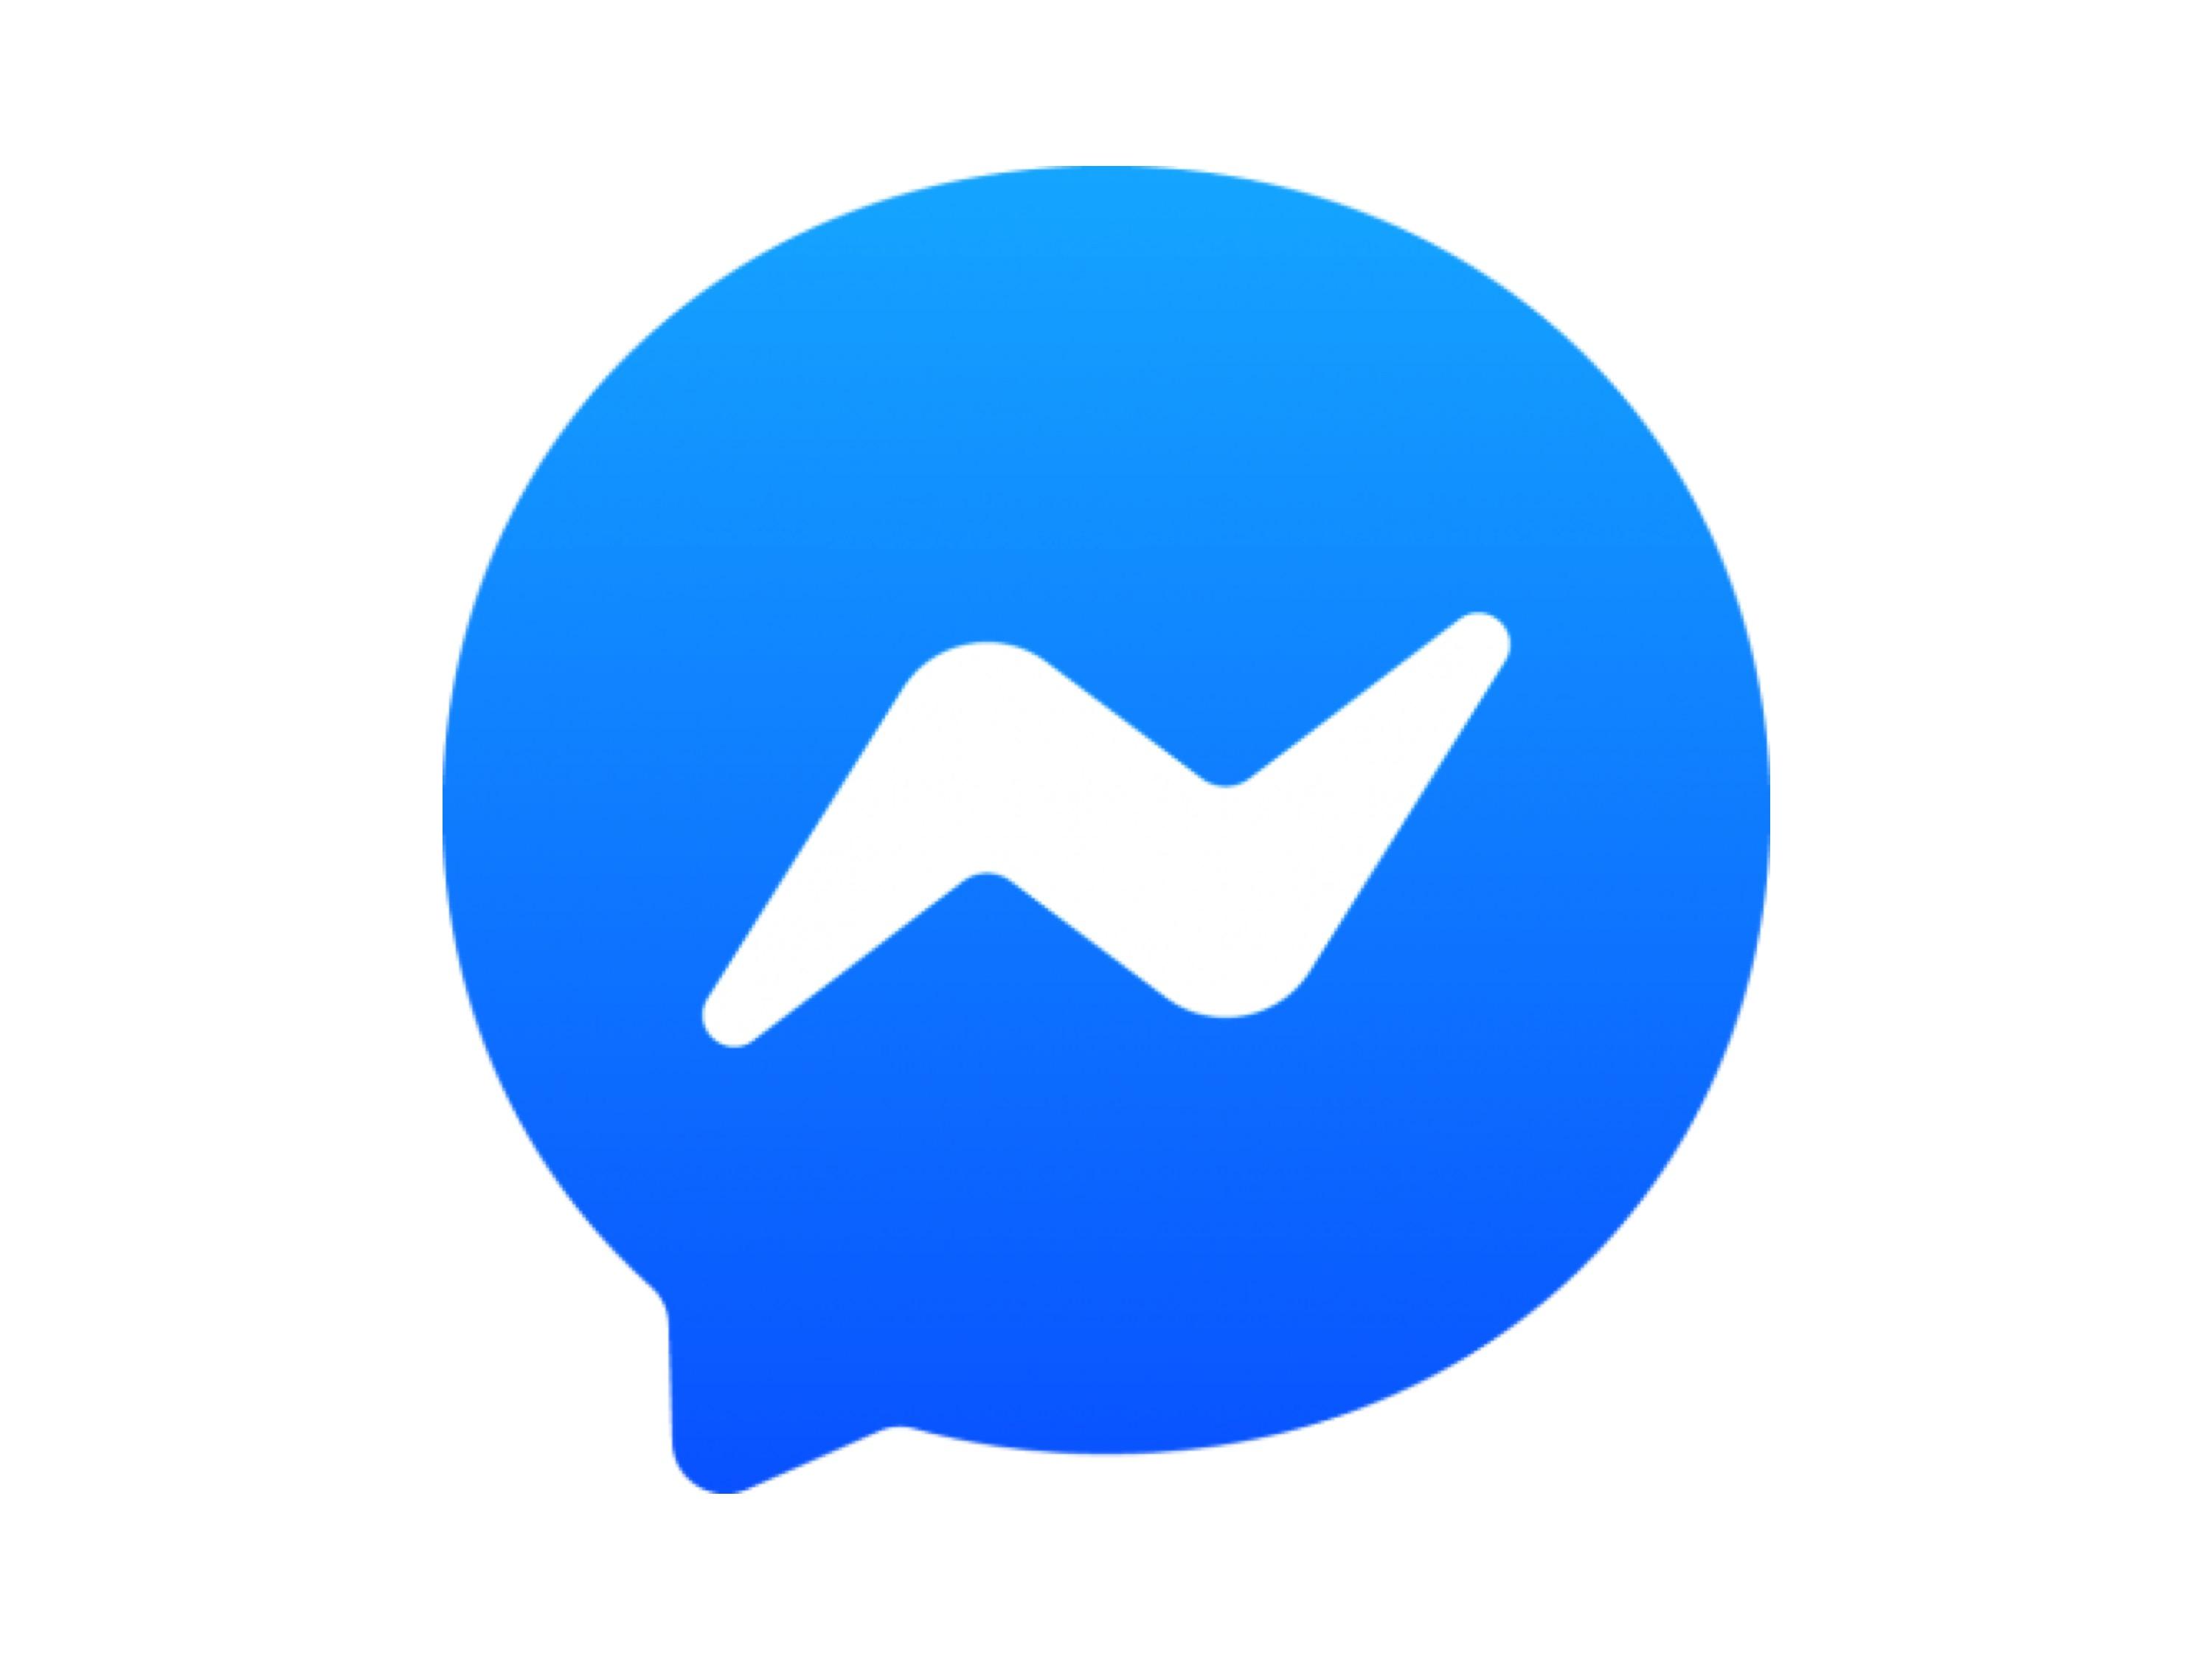 Dislike? Facebook is adding an Unfollow button - NBC News